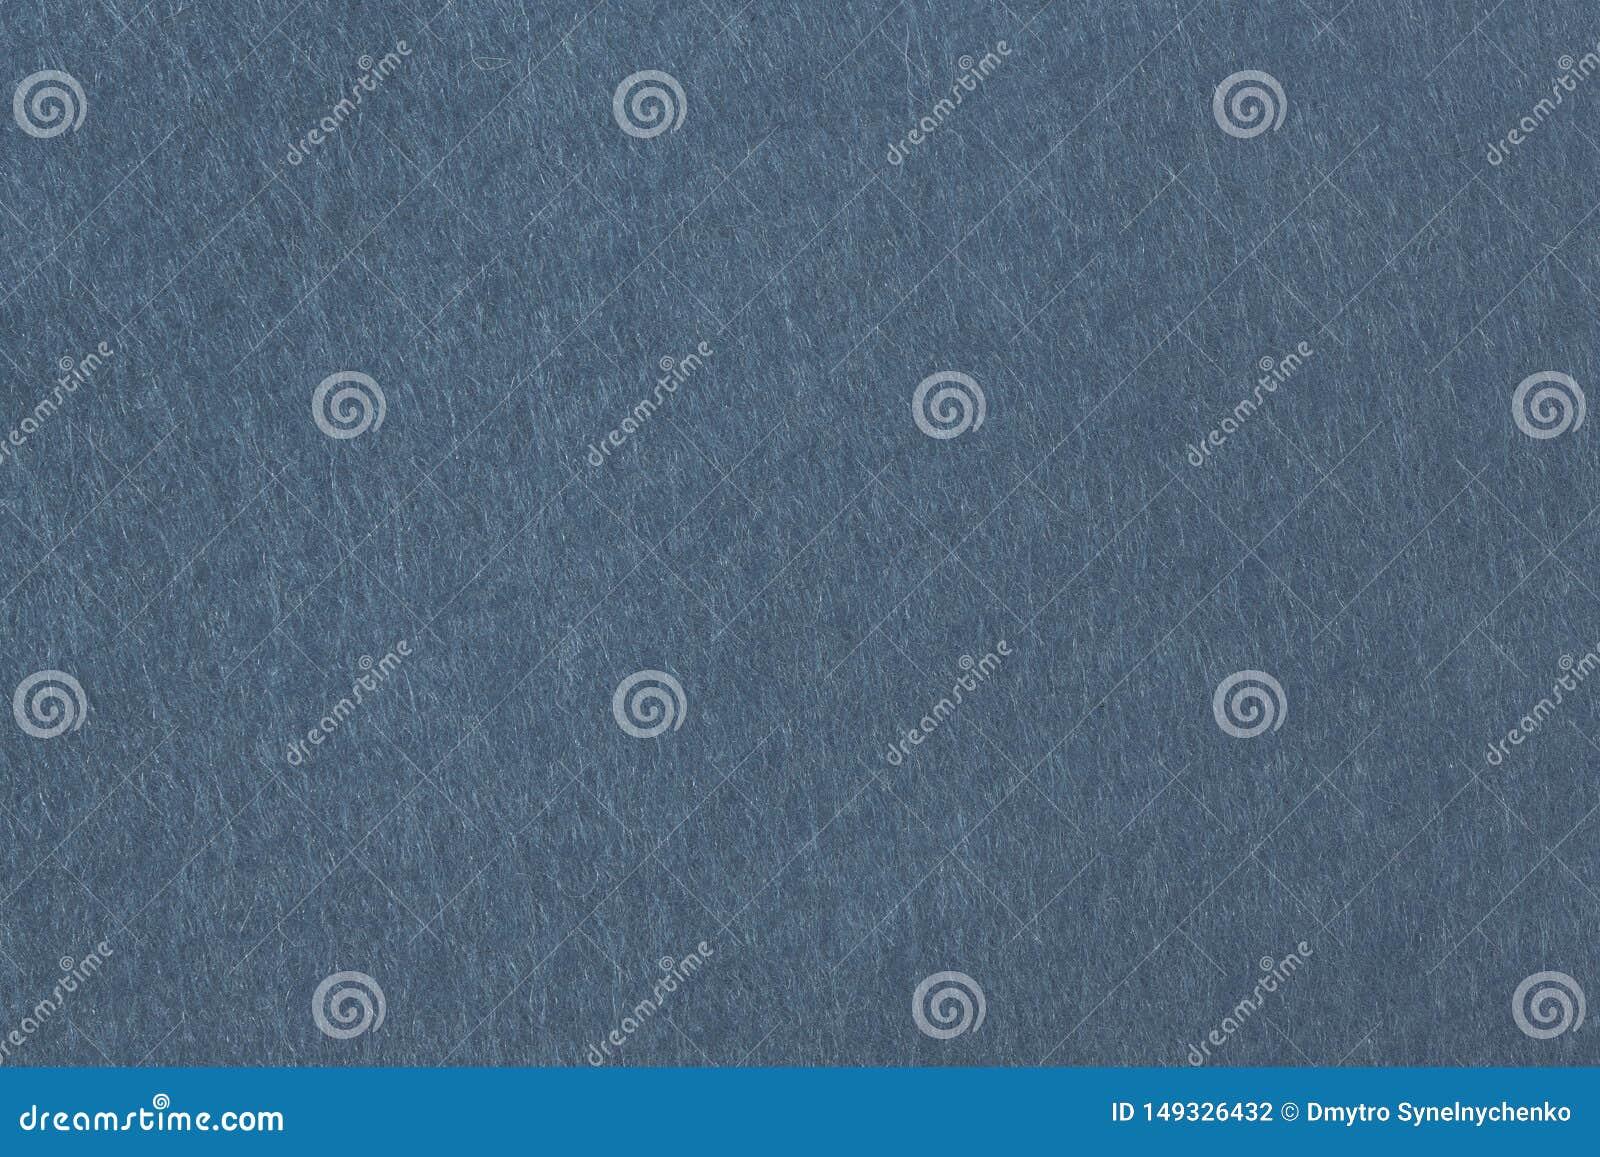 Fond bleu-clair élégant basé sur la texture de feutre